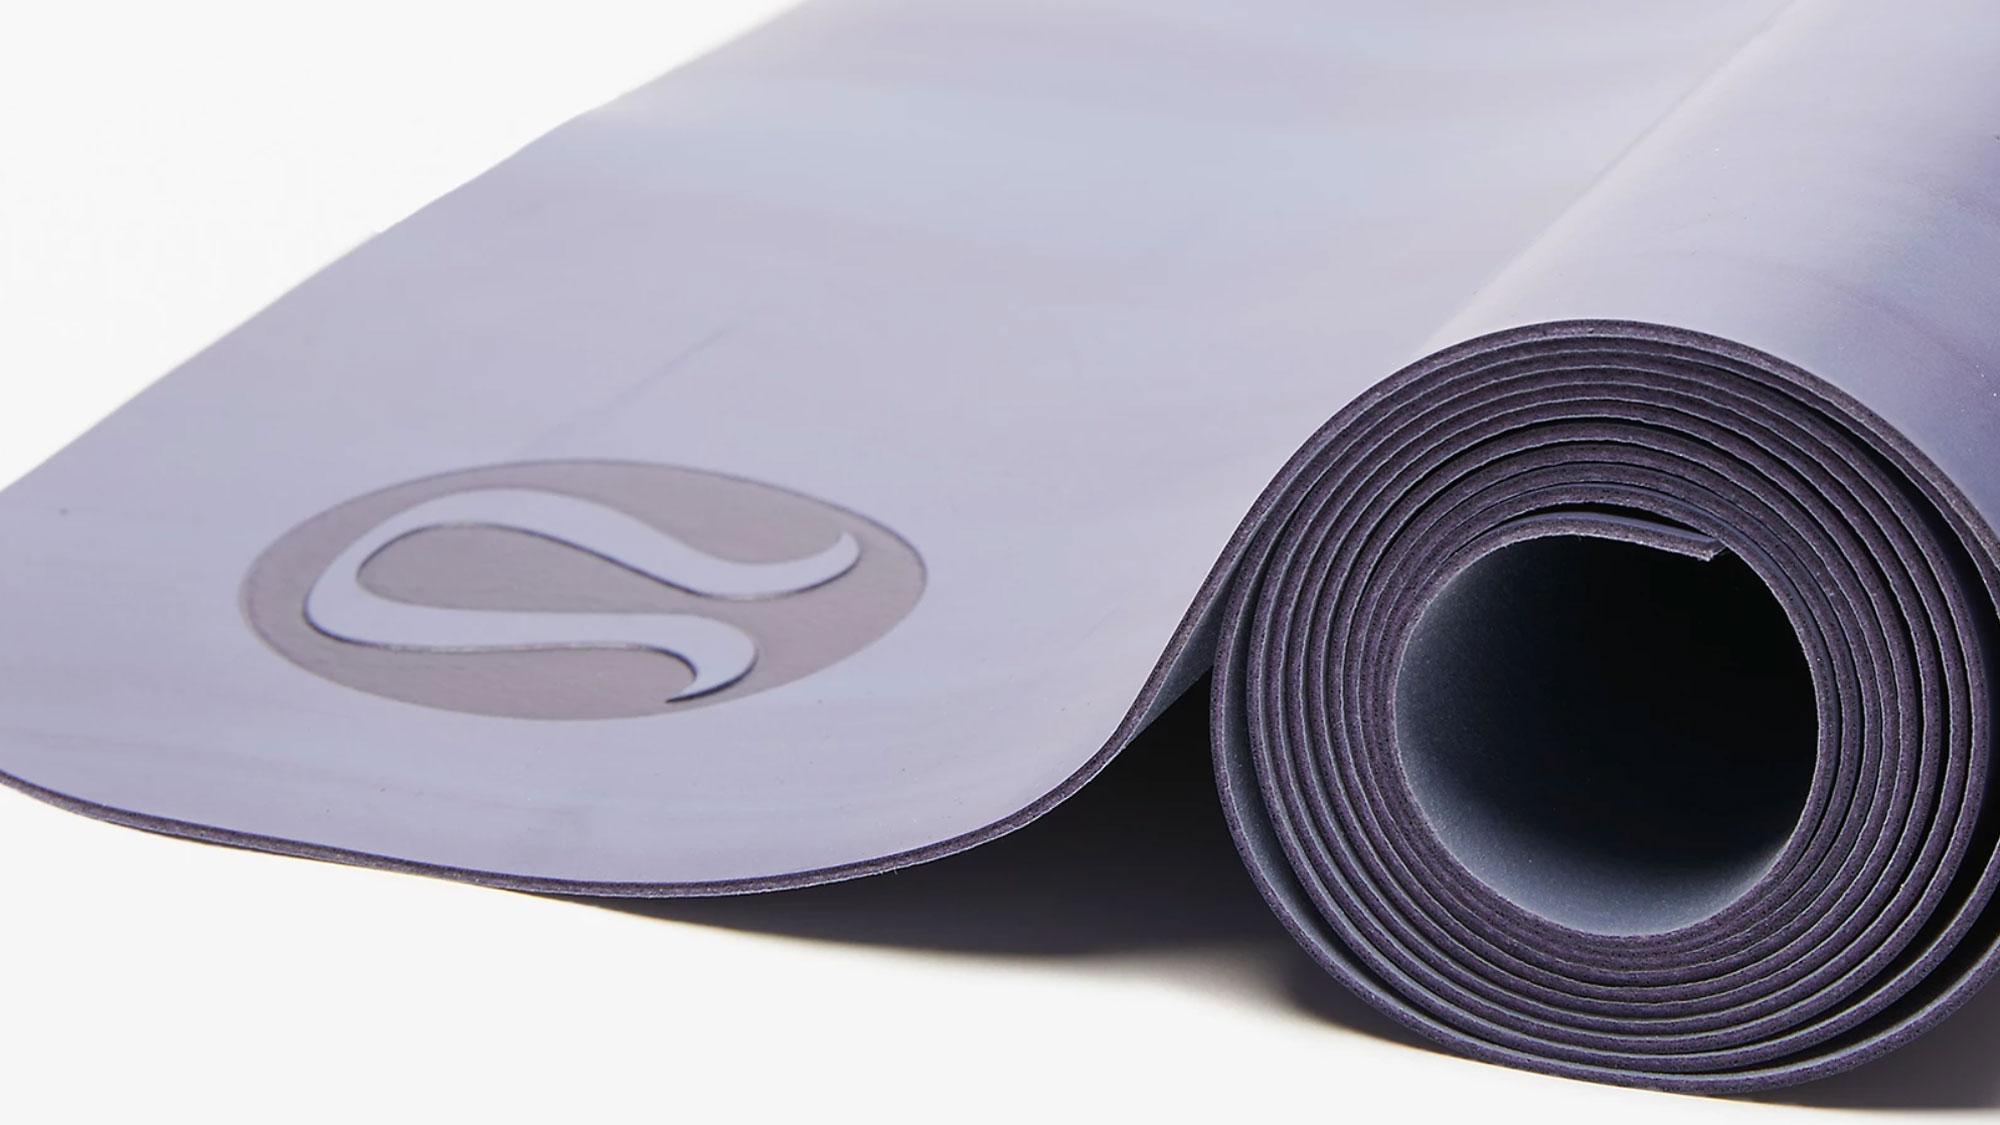 Best yoga mats: The Reversible (Un) Mat